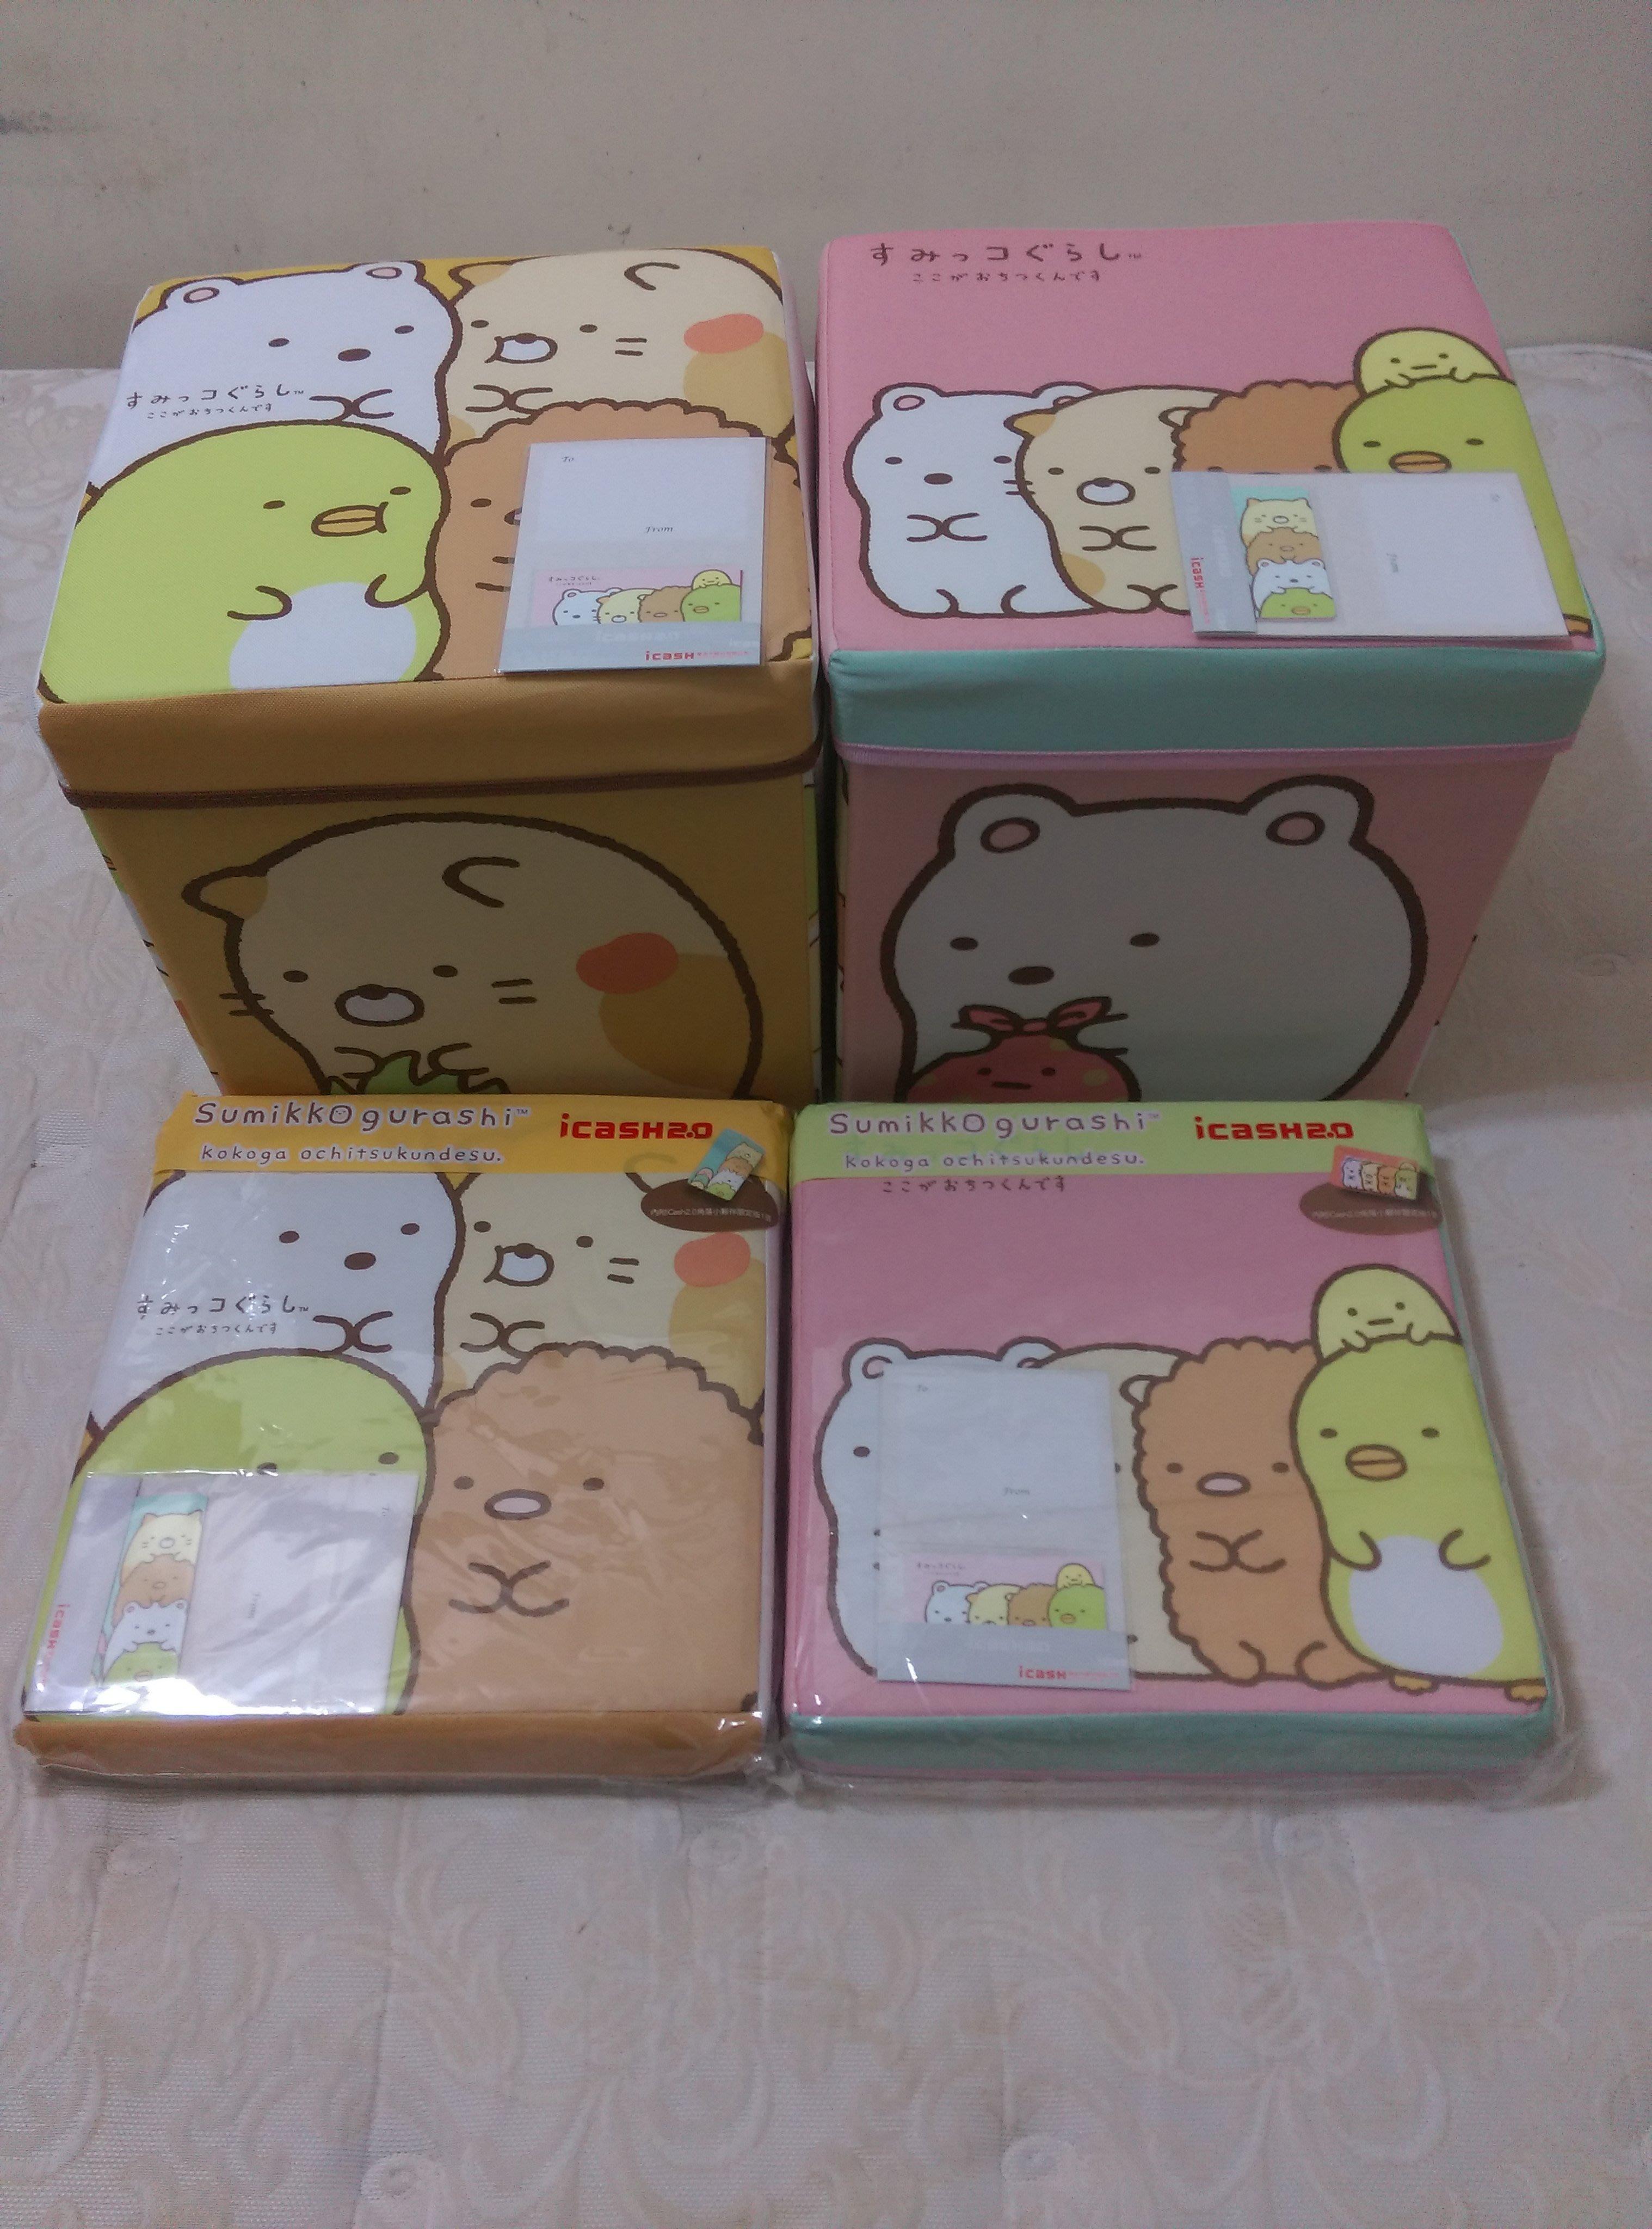 7-11 日本超人氣角落小夥伴限量收納箱 小企鵝+白熊 ~炸豬排+貓咪 附同款icash卡現貨二款一組